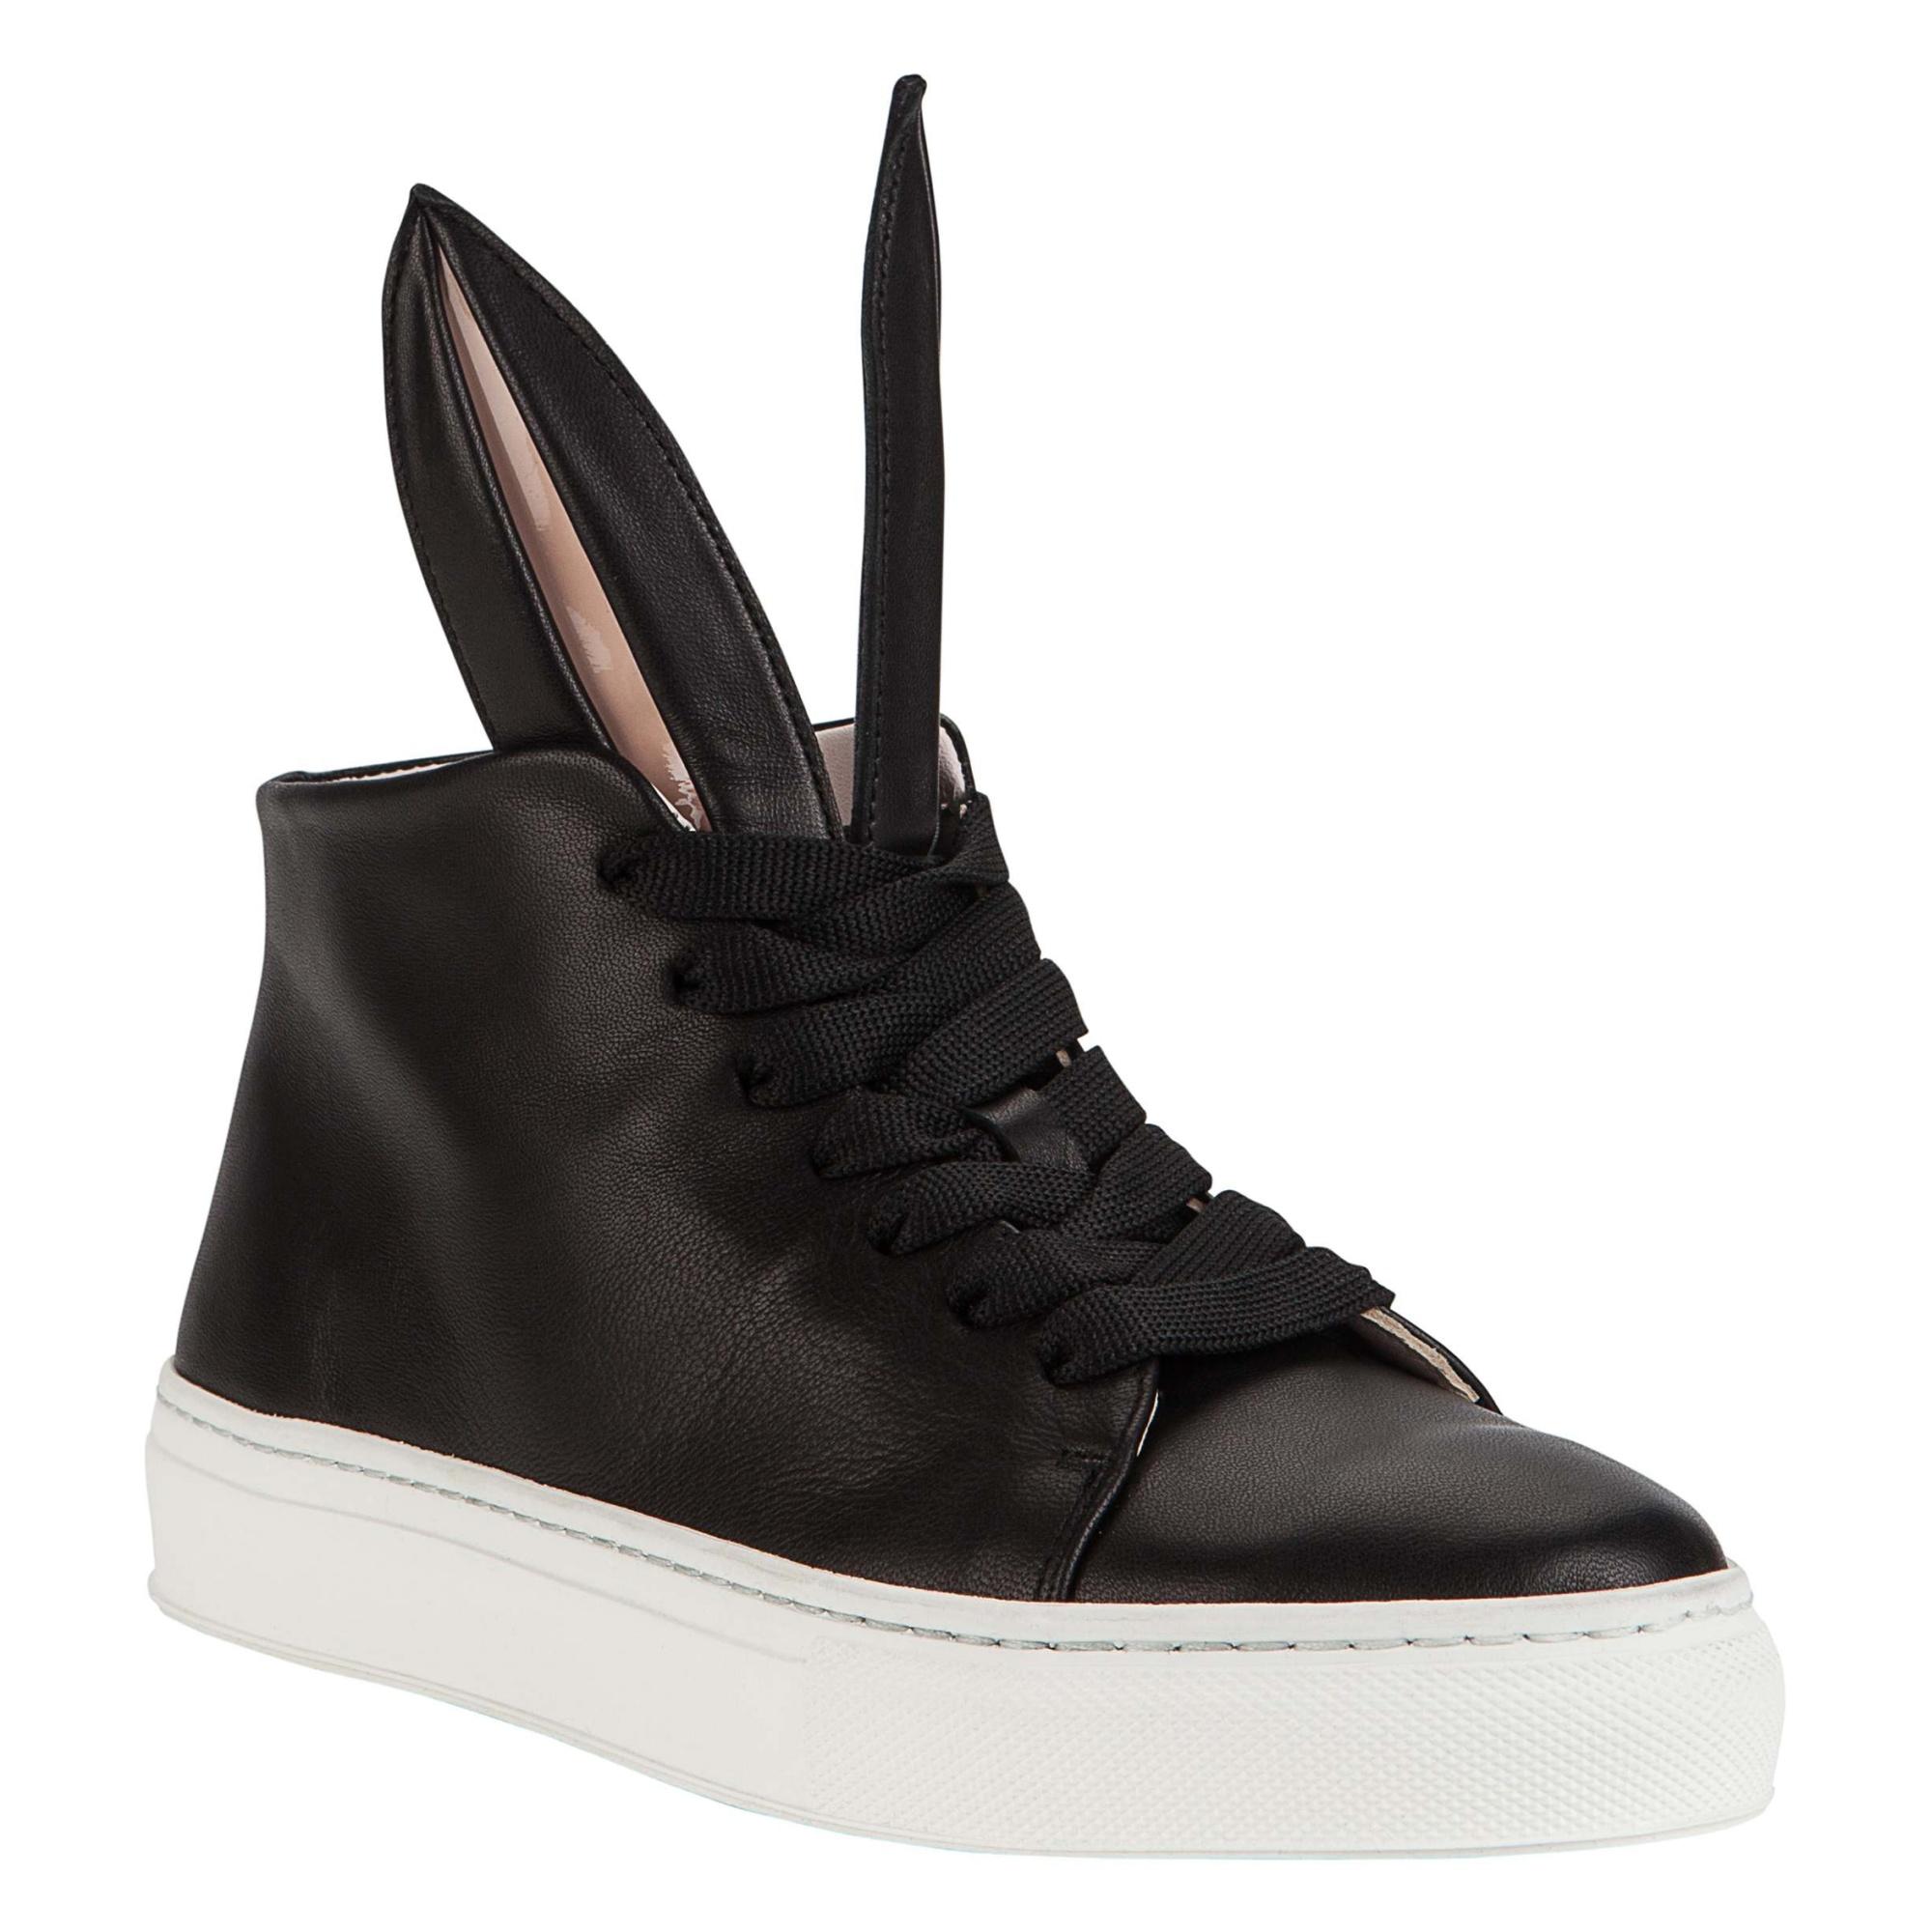 Bunny Sneaks Back Sneaker